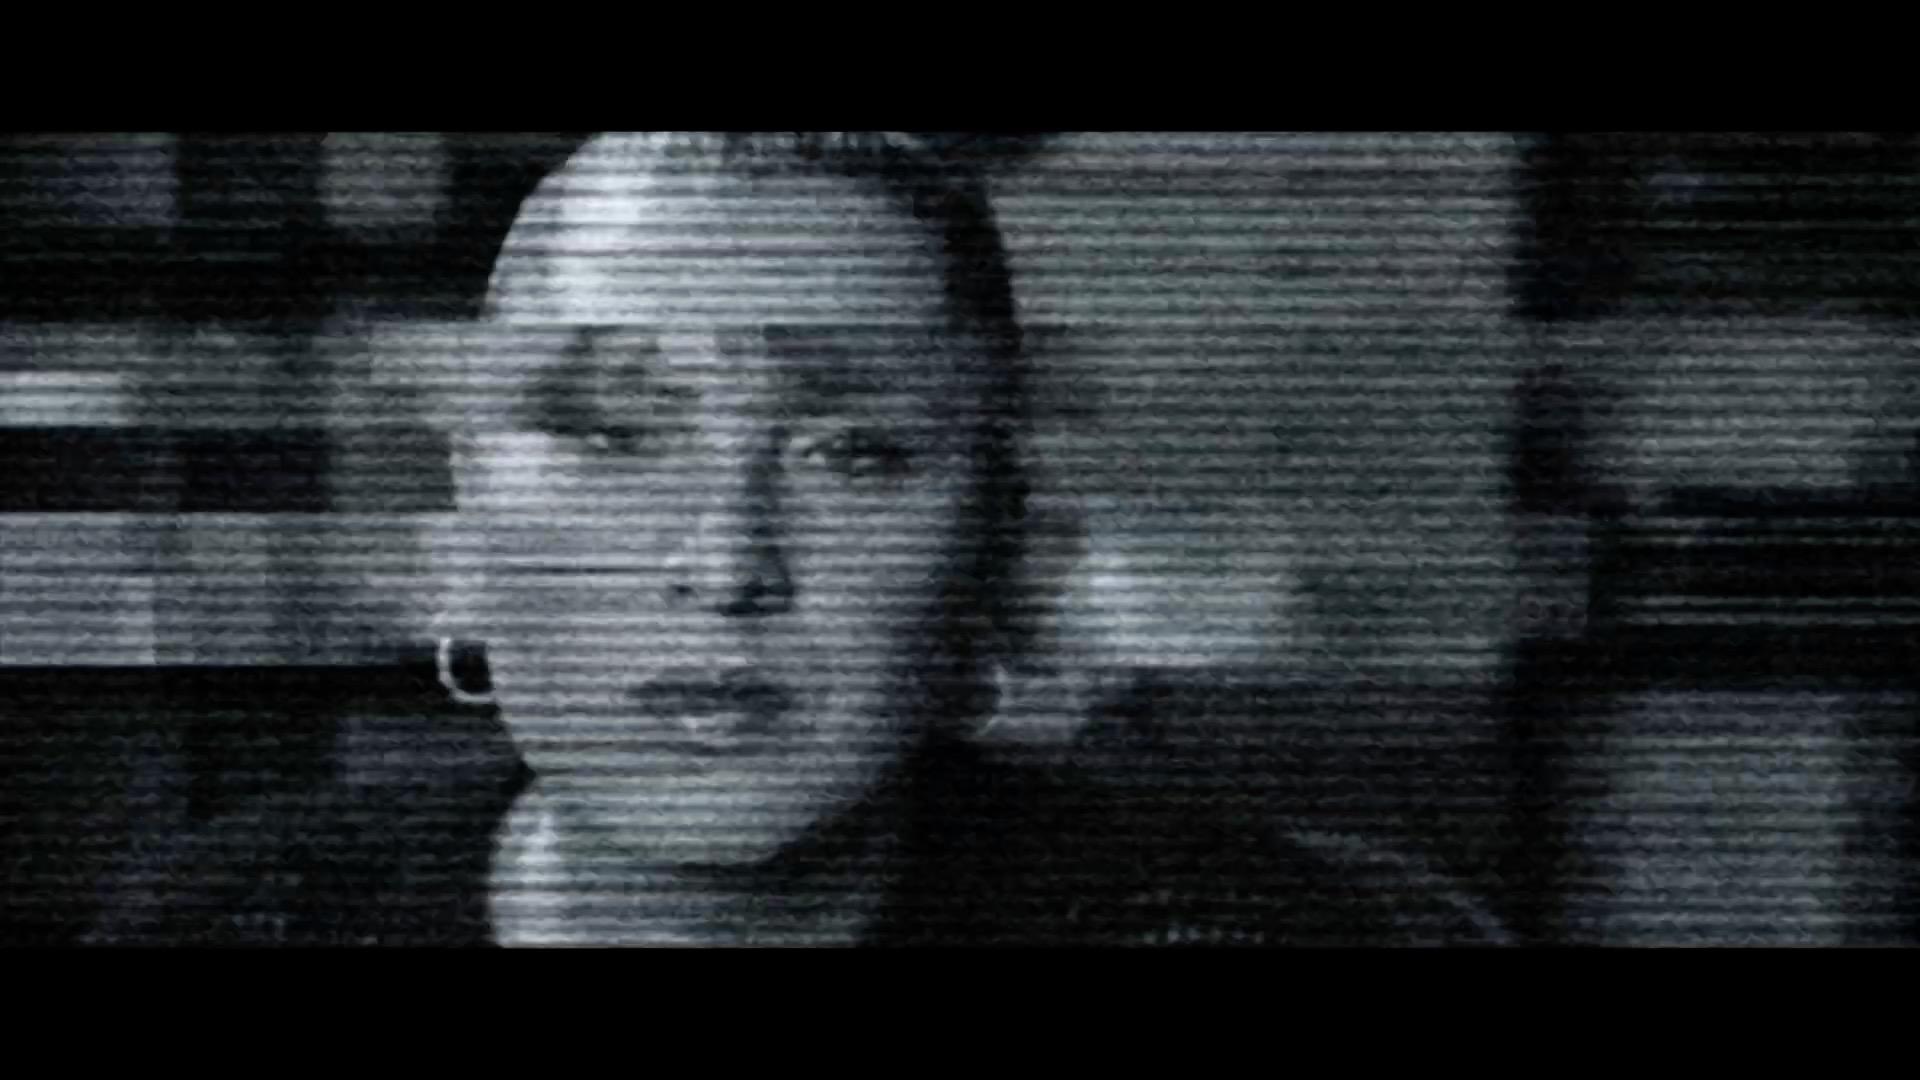 I Hate Illusive  Alissa Knight vs Illusive Trailer